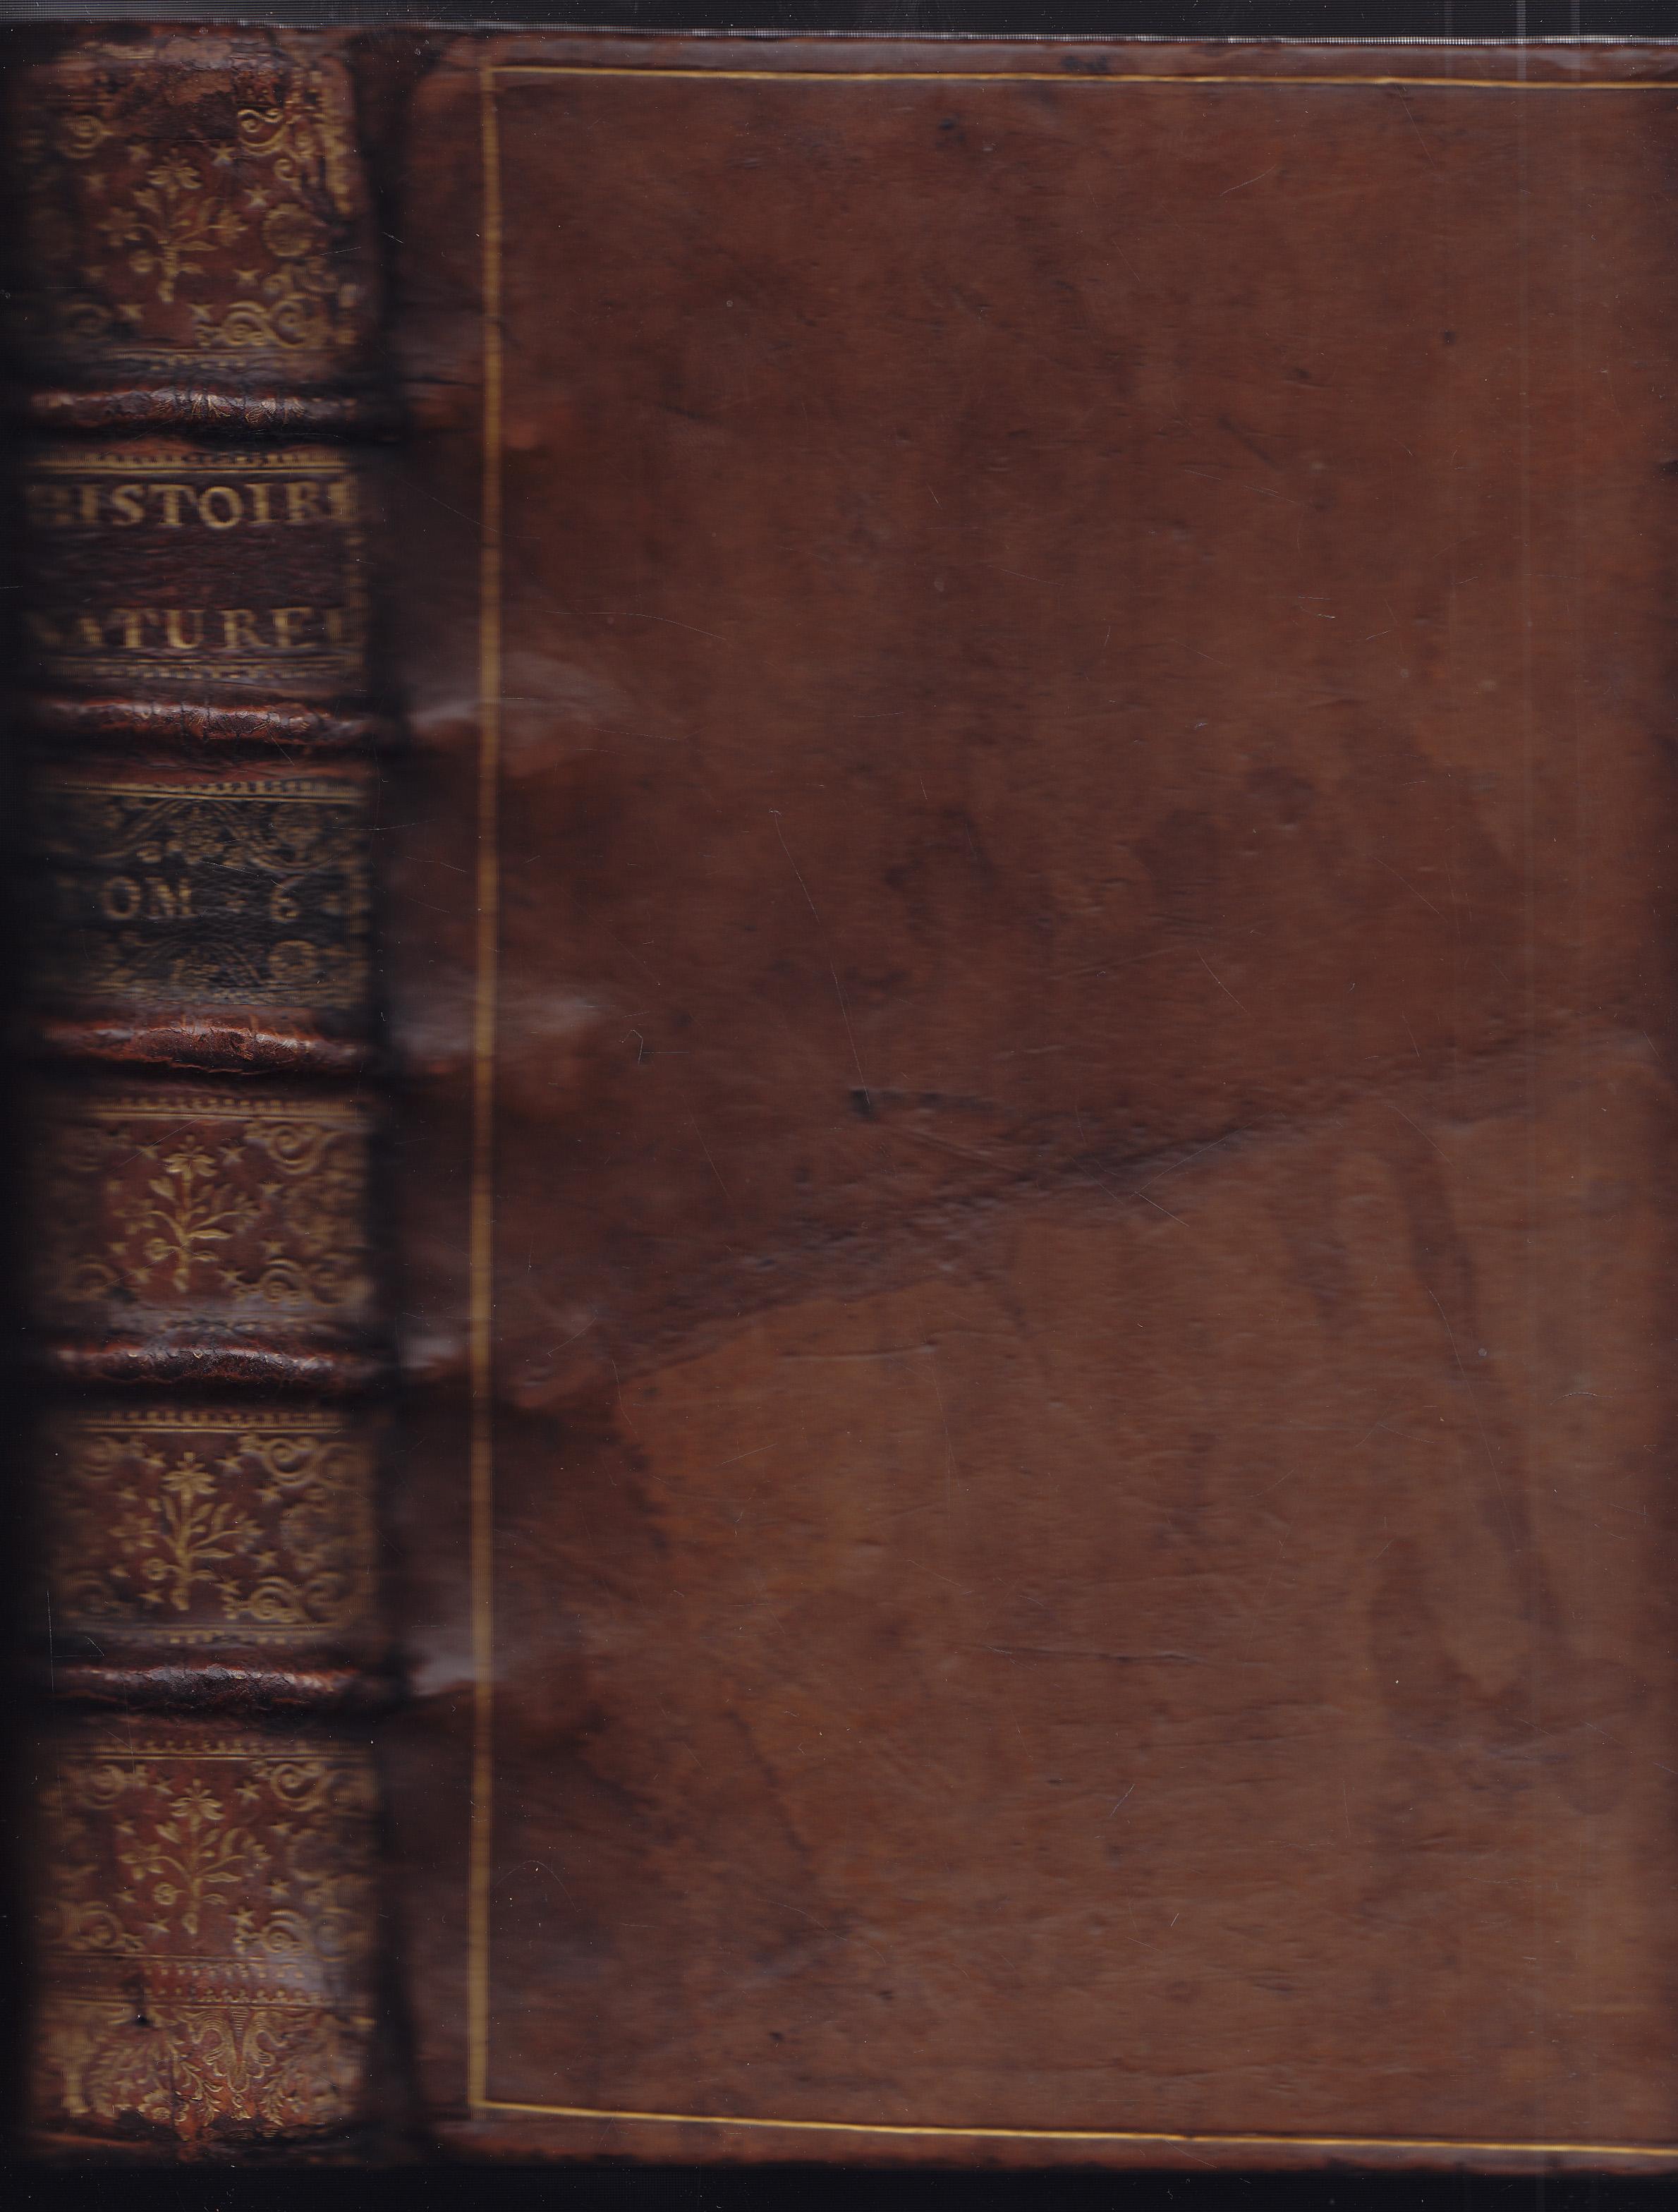 BUFFON-Louis-Le-Clerc-Histoire-naturelle-1756